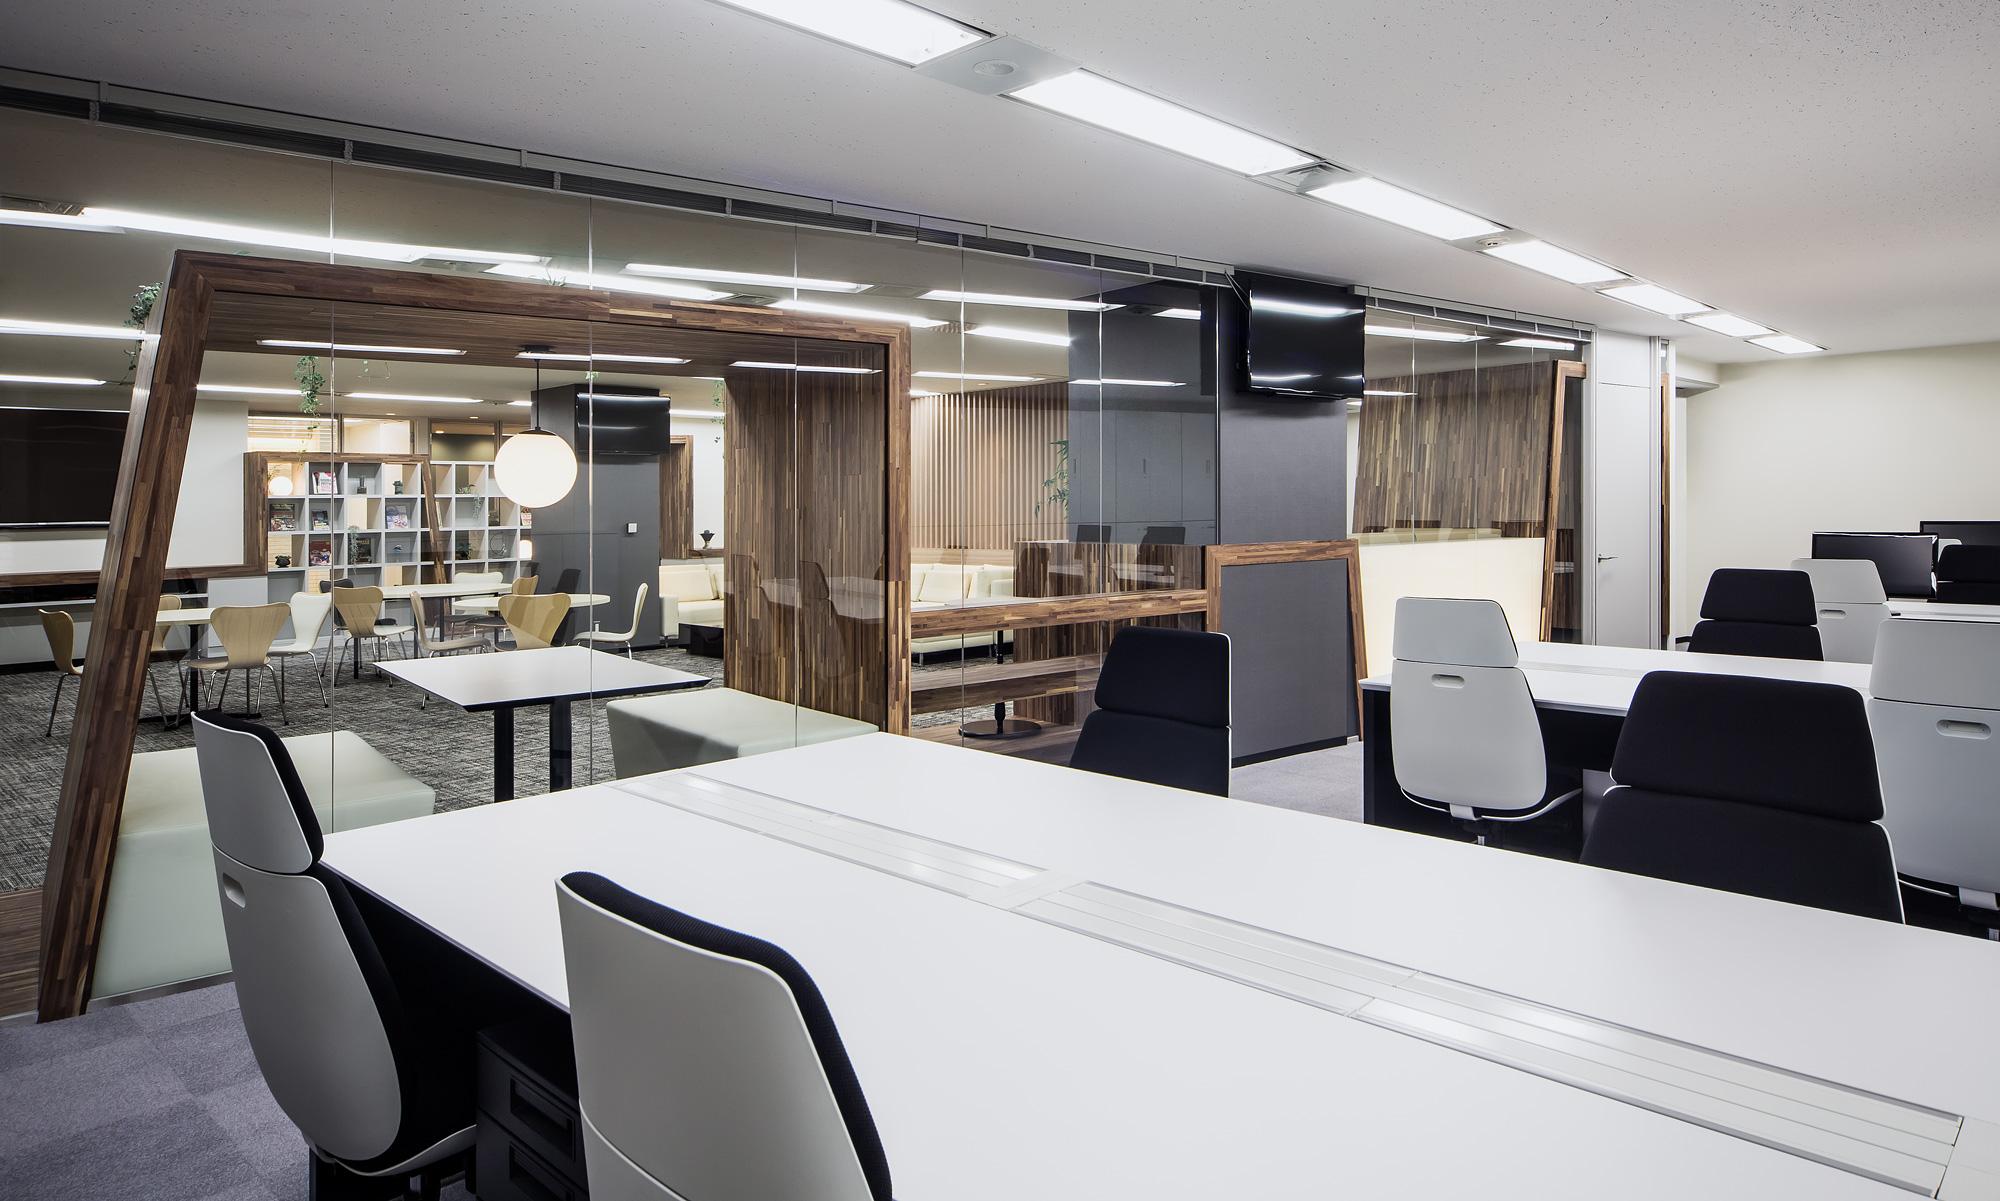 執務室からラウンジをみる: 執務室とラウンジは、ガラスと帯家具で仕切られています